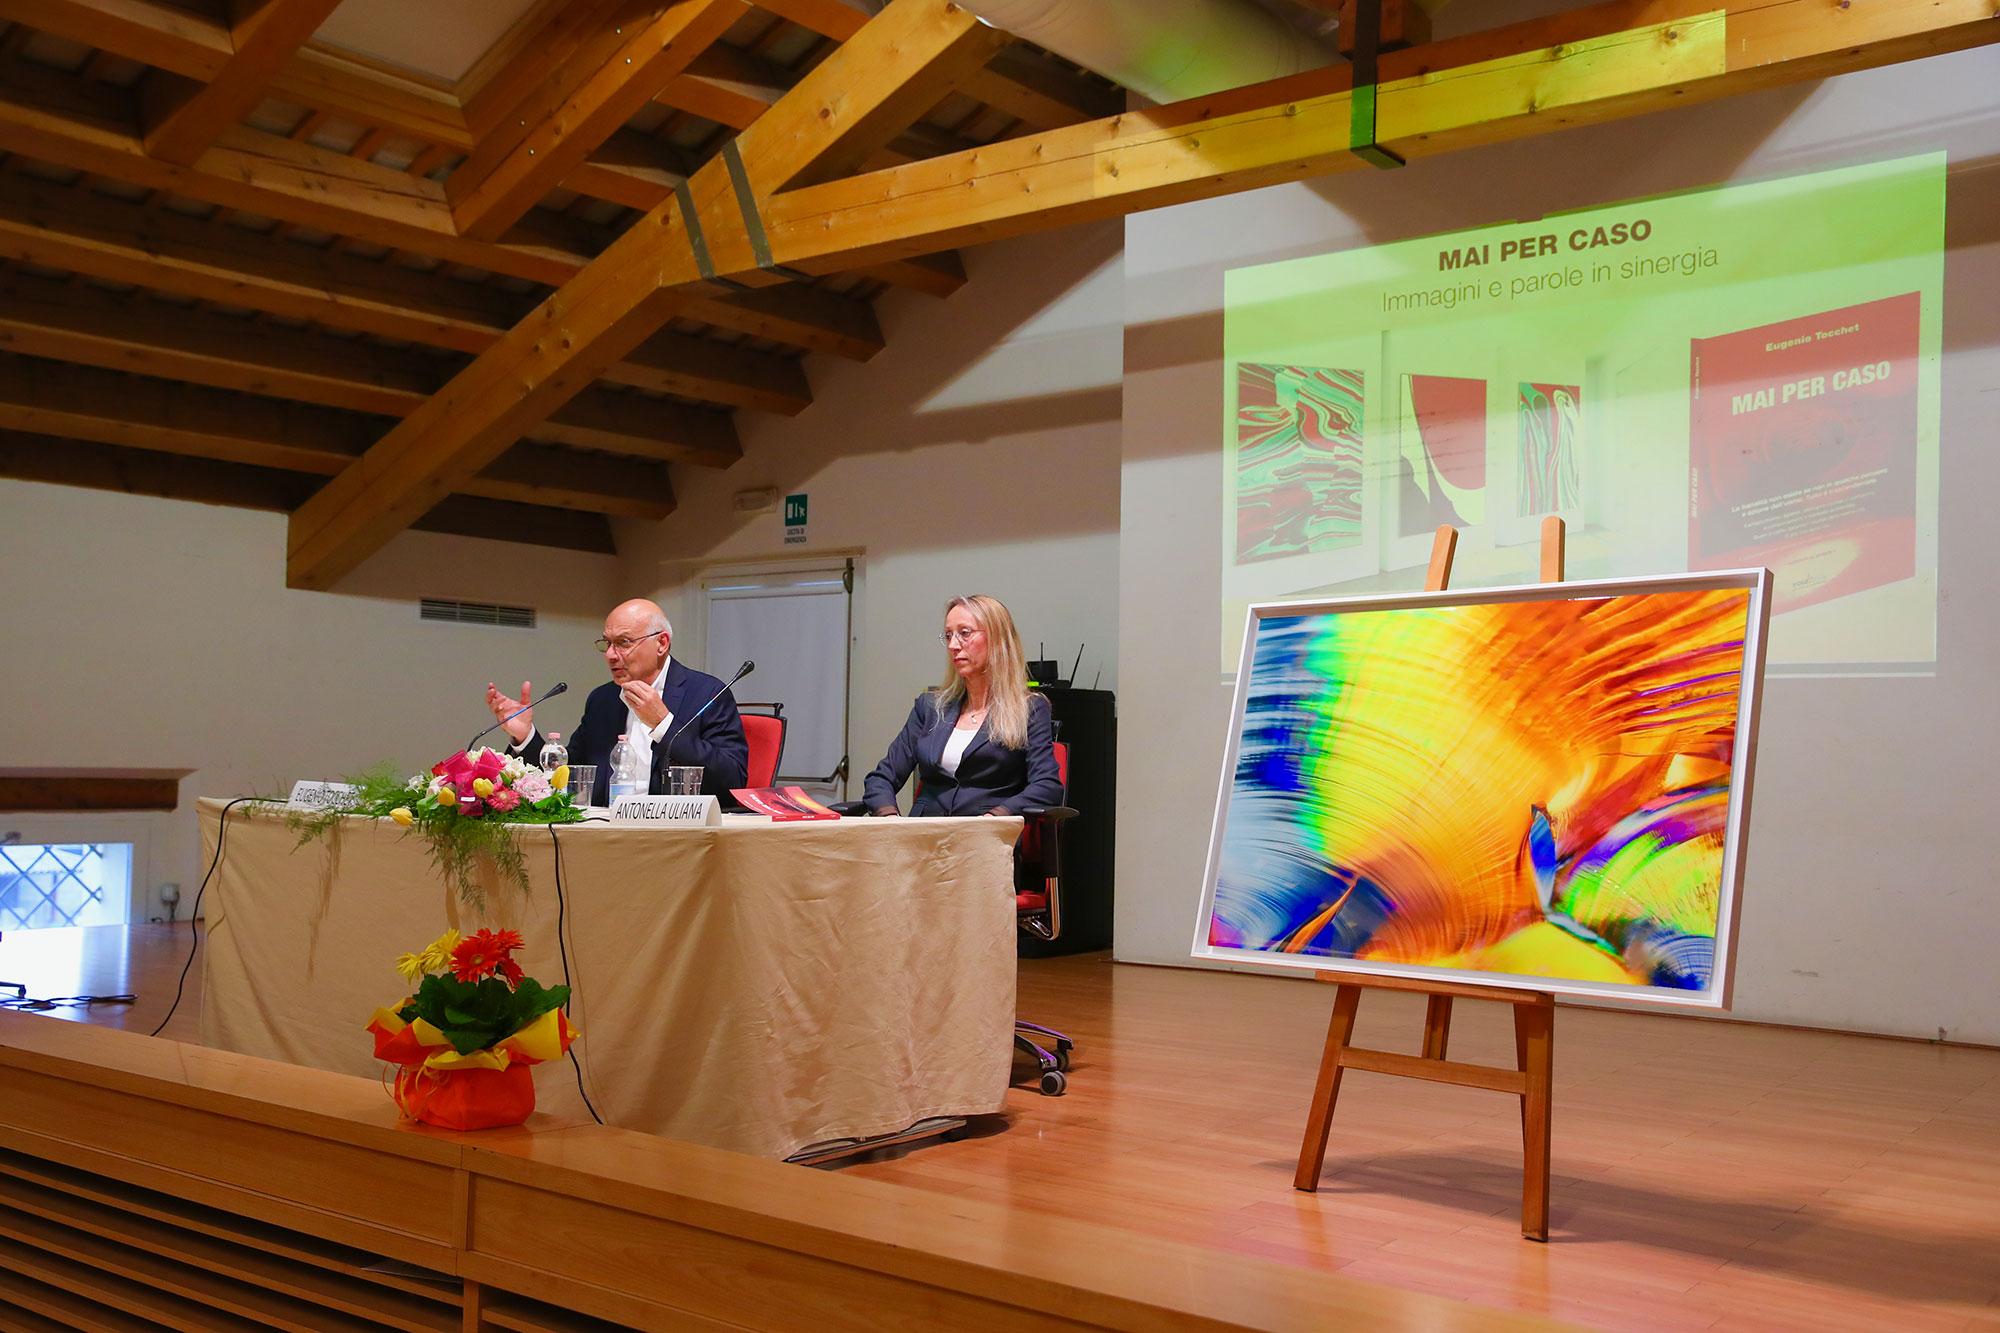 Presentazione quadri moderni e quadri astratti su tela di Eugenio Tocchet - interventi